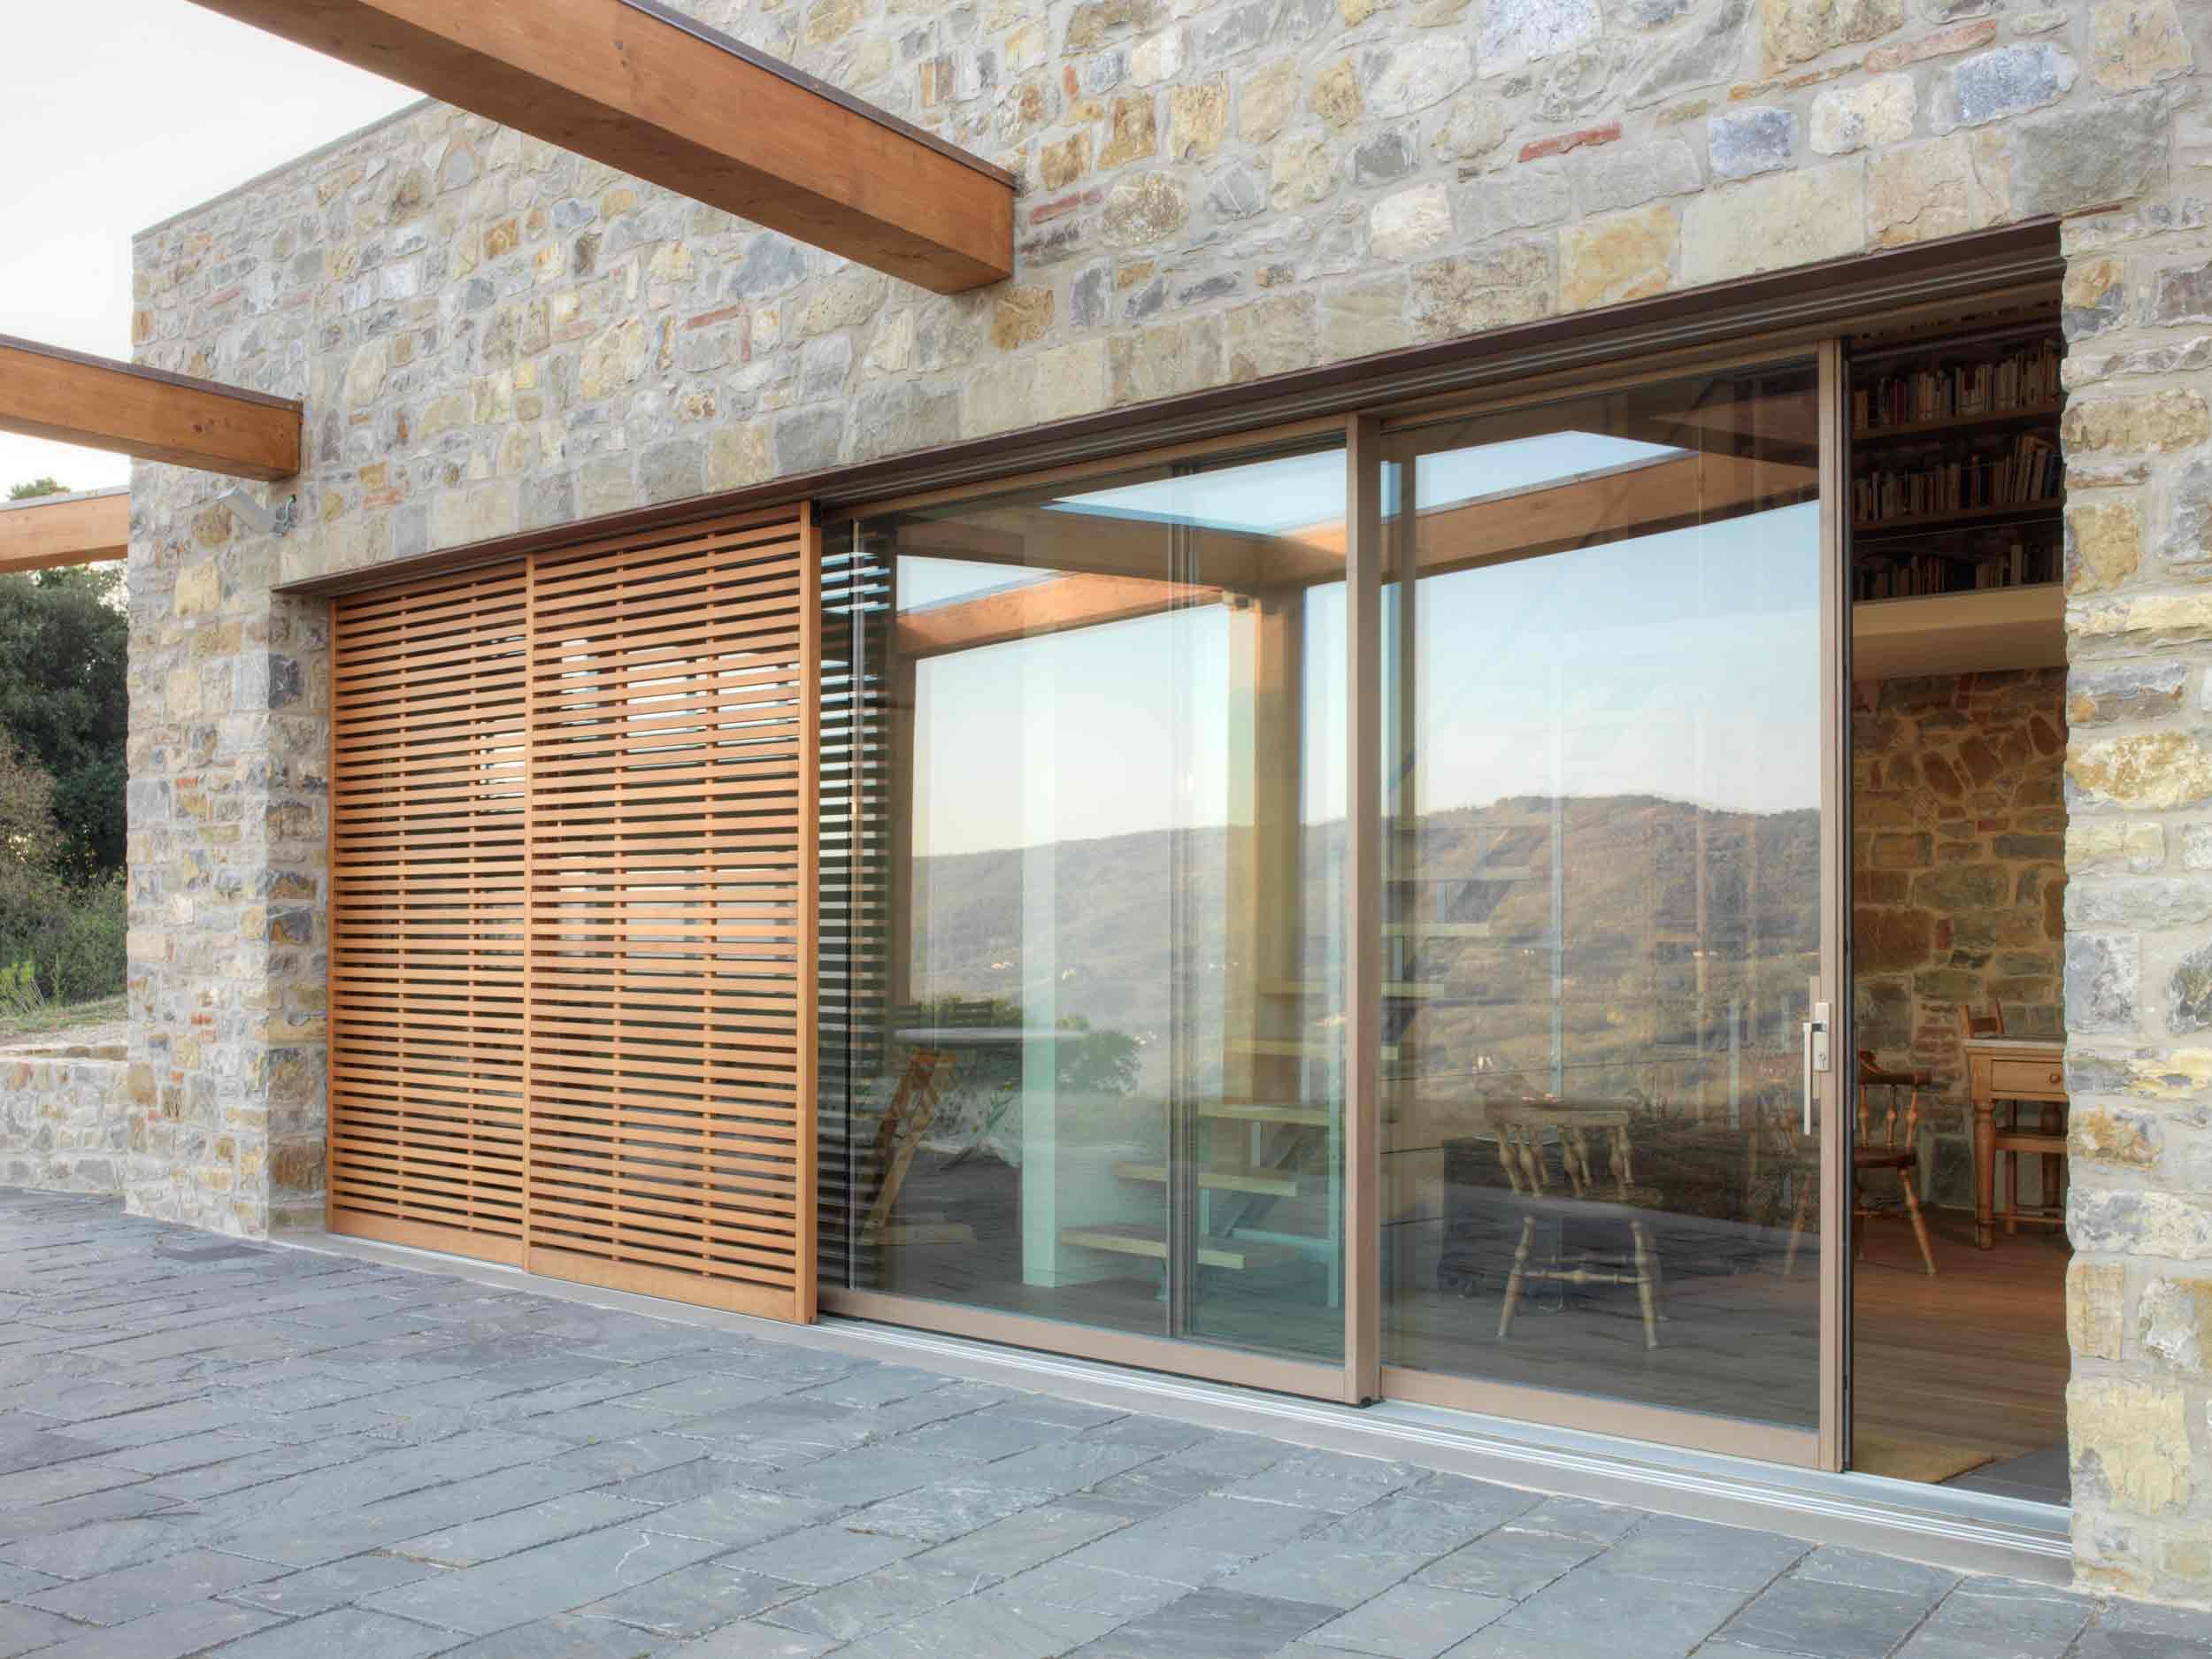 Porte coulissant en bois laqué selon l'échantillon avec pare-soleil avec lattes en bois coulissantes